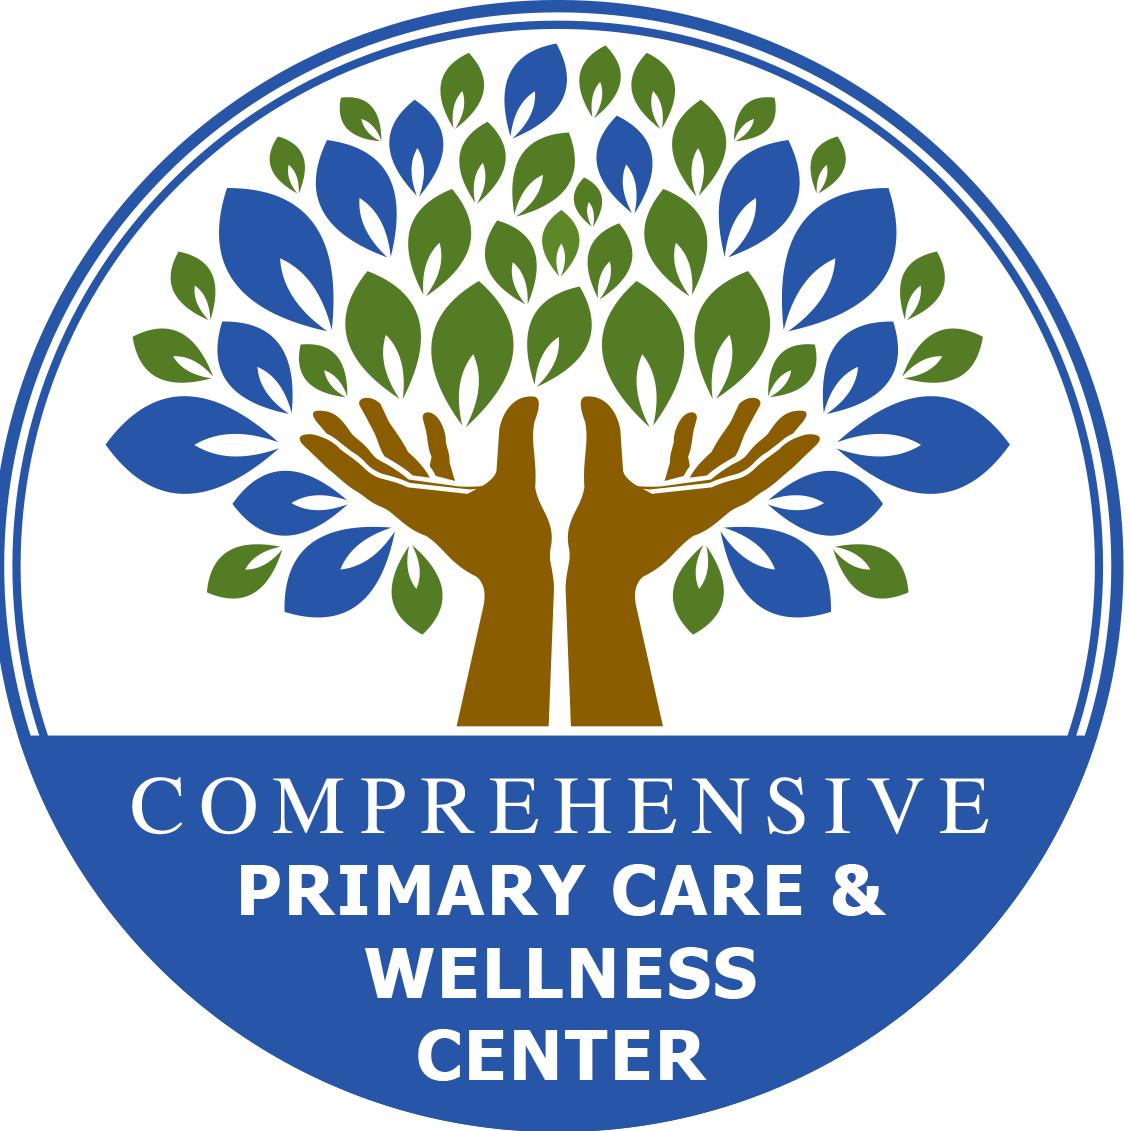 Comprehensive Primary Care and Wellness Center - Idaho Falls, ID 83404 - (208)715-9990 | ShowMeLocal.com